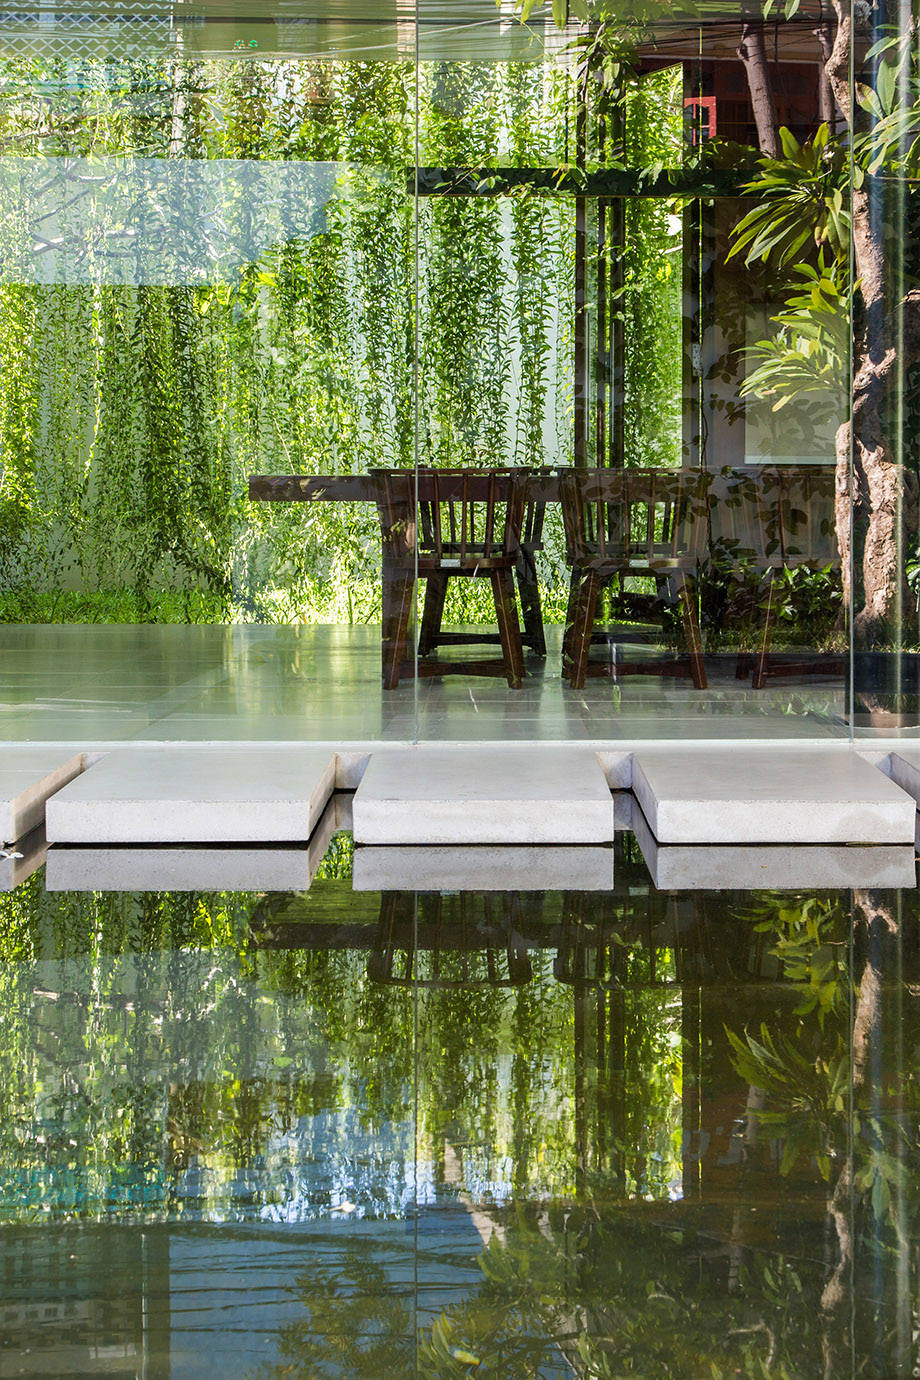 บ้านผนังกระจกมองเห็นสวนน้ำ